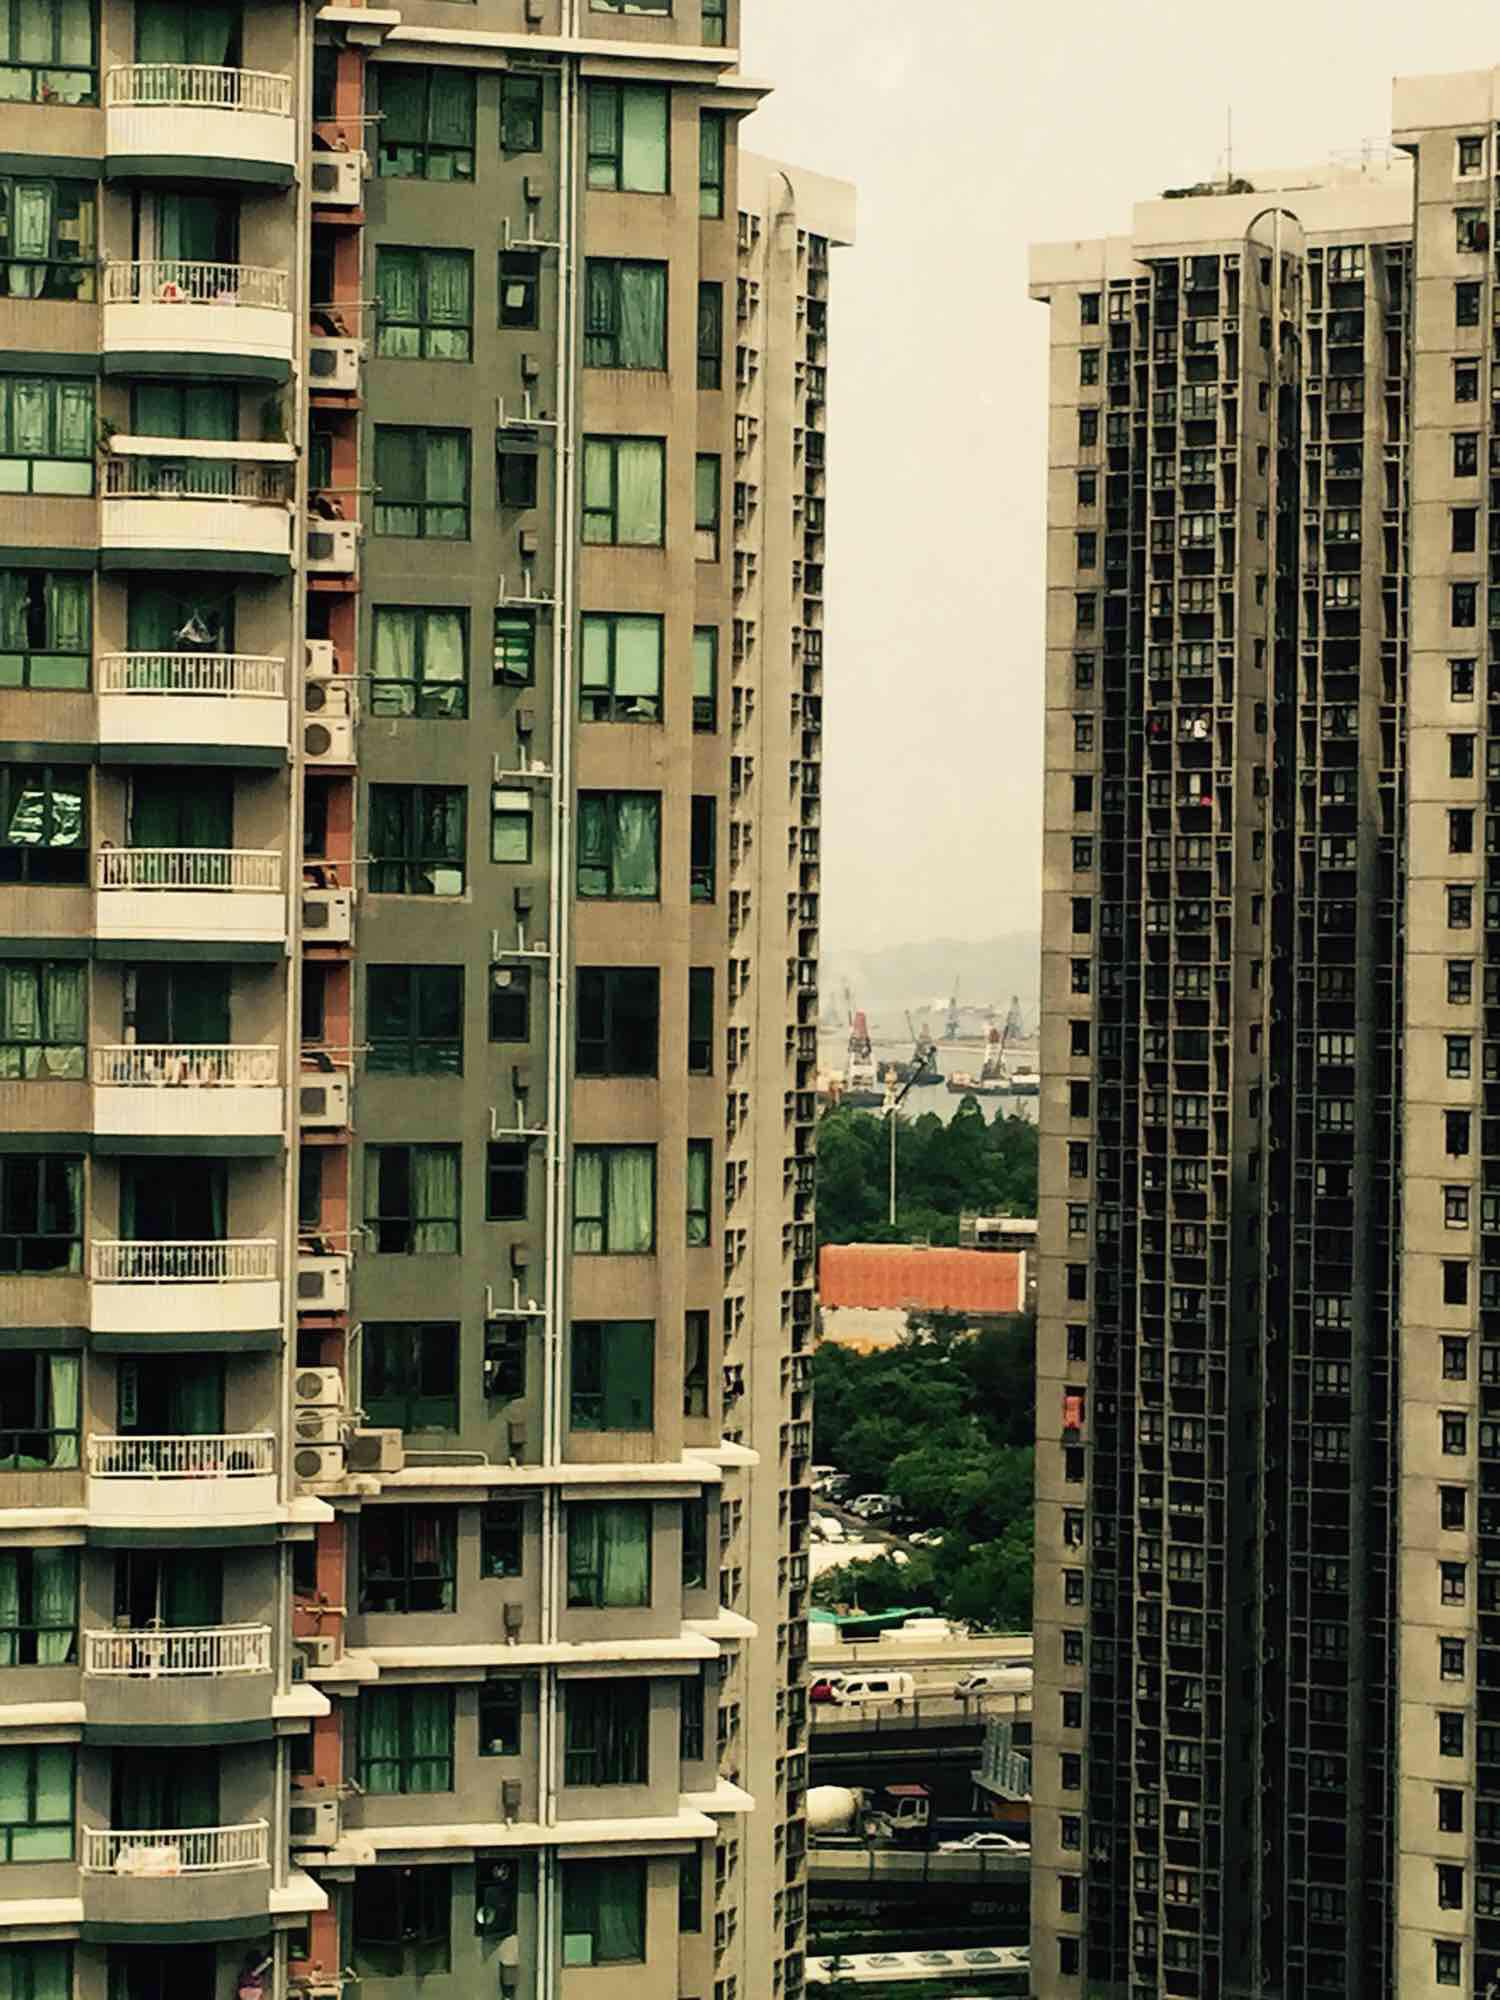 香港住宅价格连续7年全球最高 楼价高租金贵困扰民 - yuhongbo555888 - yuhongbo555888的博客